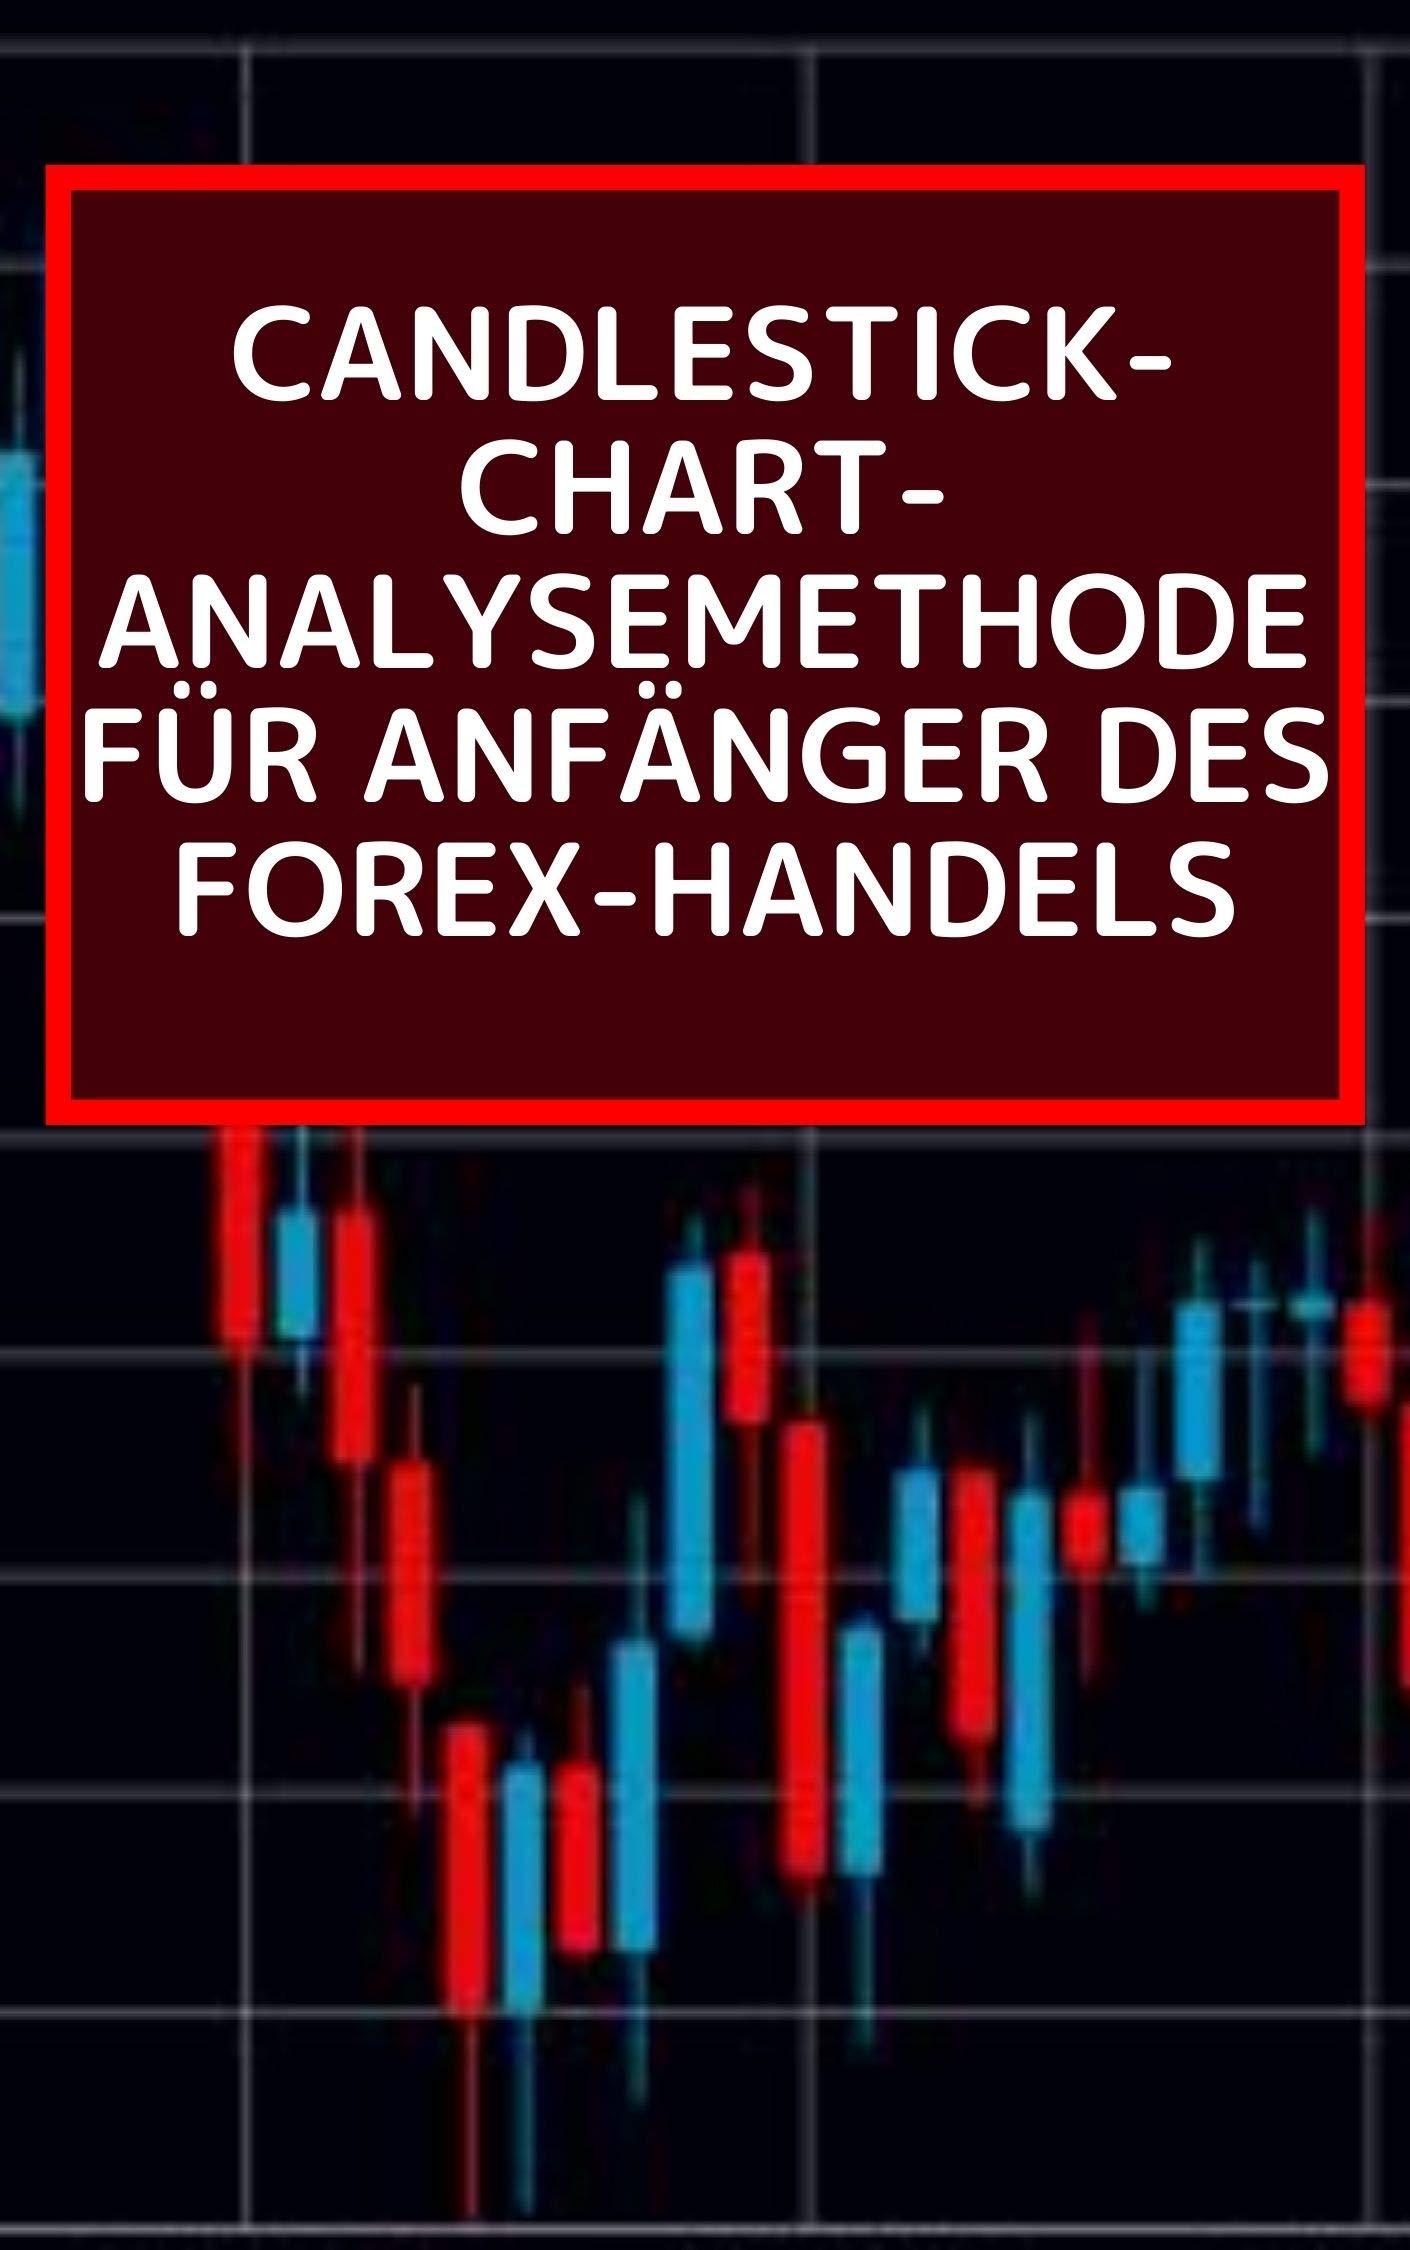 Candlestick-Chart-Analysemethode für Anfänger des Forex-Handels (German Edition)